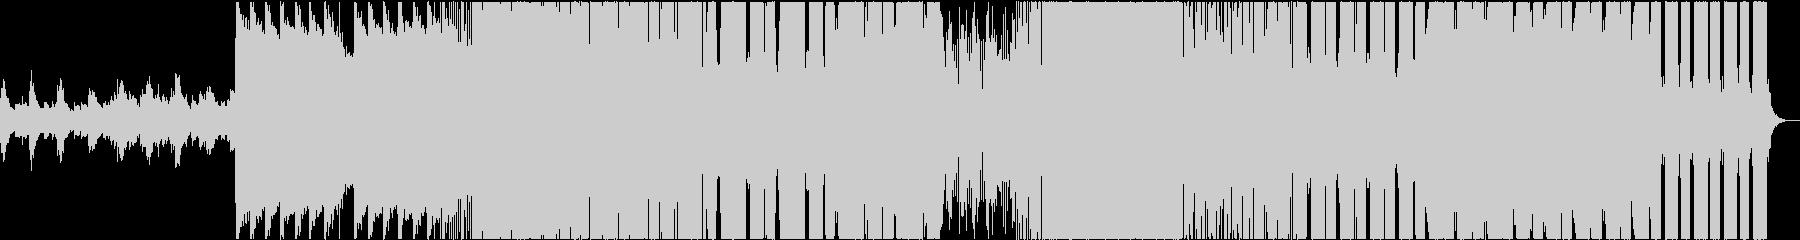 リードシンセなしバージョンの未再生の波形